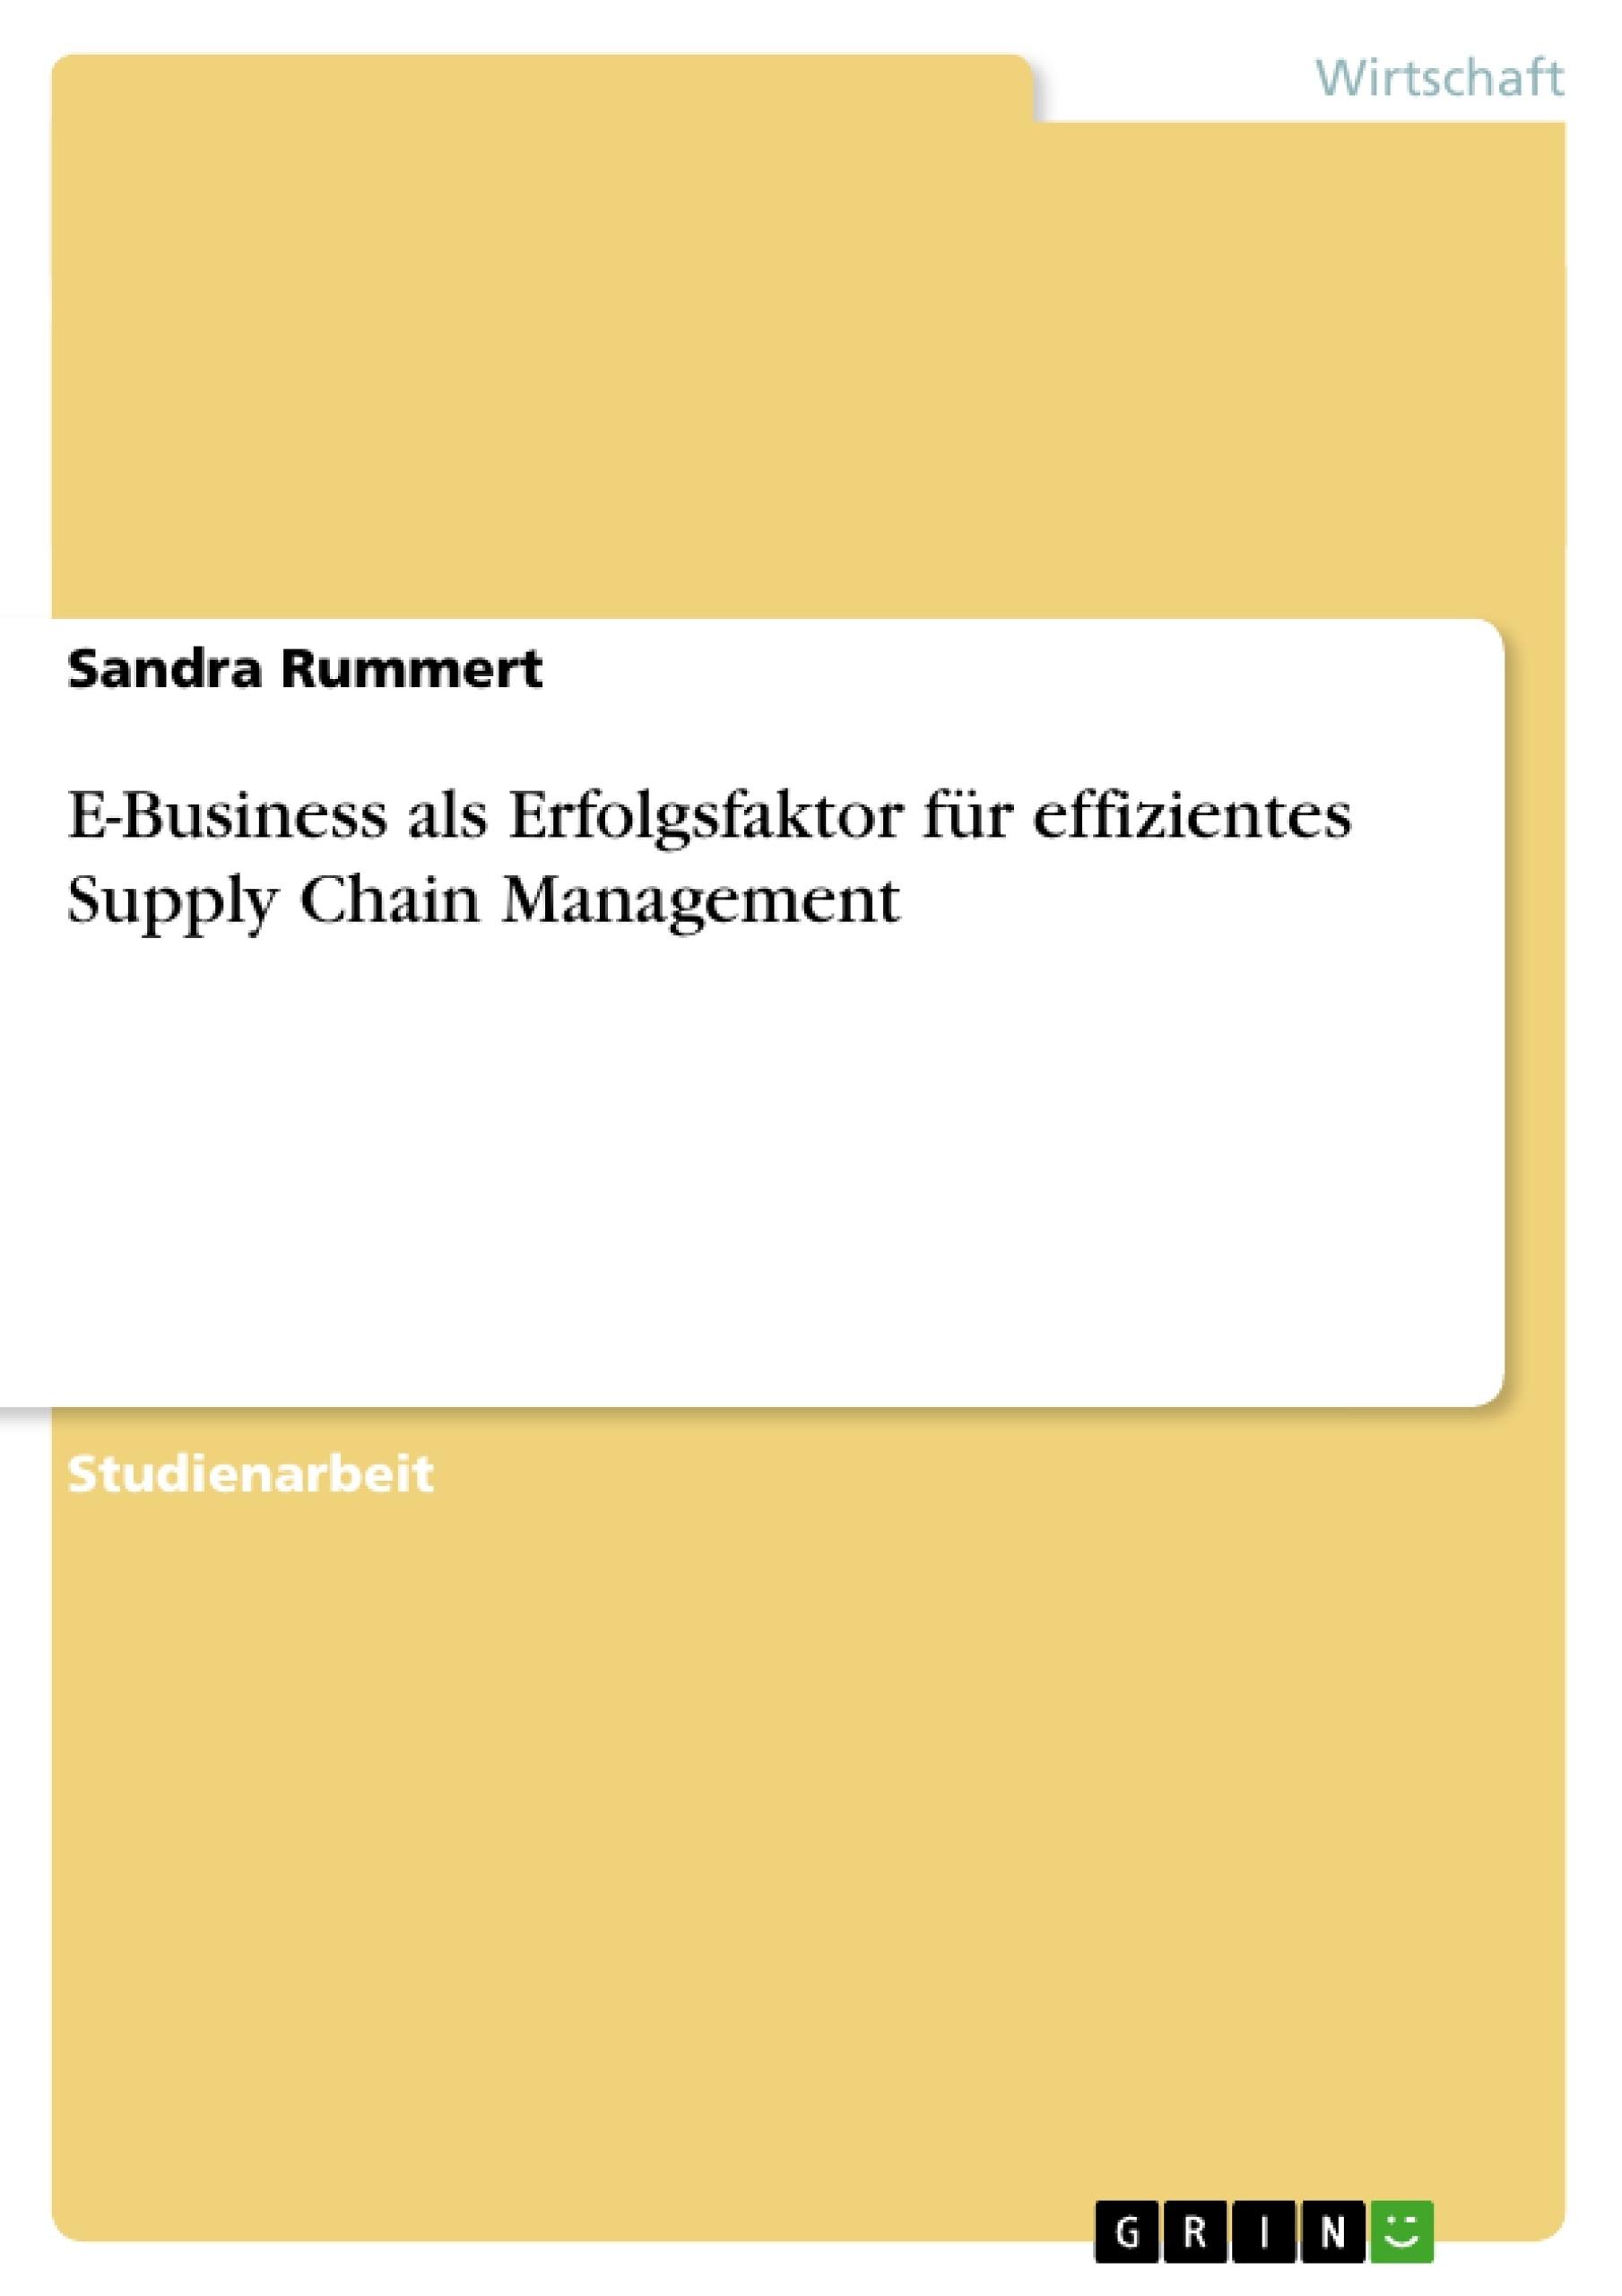 Titel: E-Business als Erfolgsfaktor für effizientes Supply Chain Management